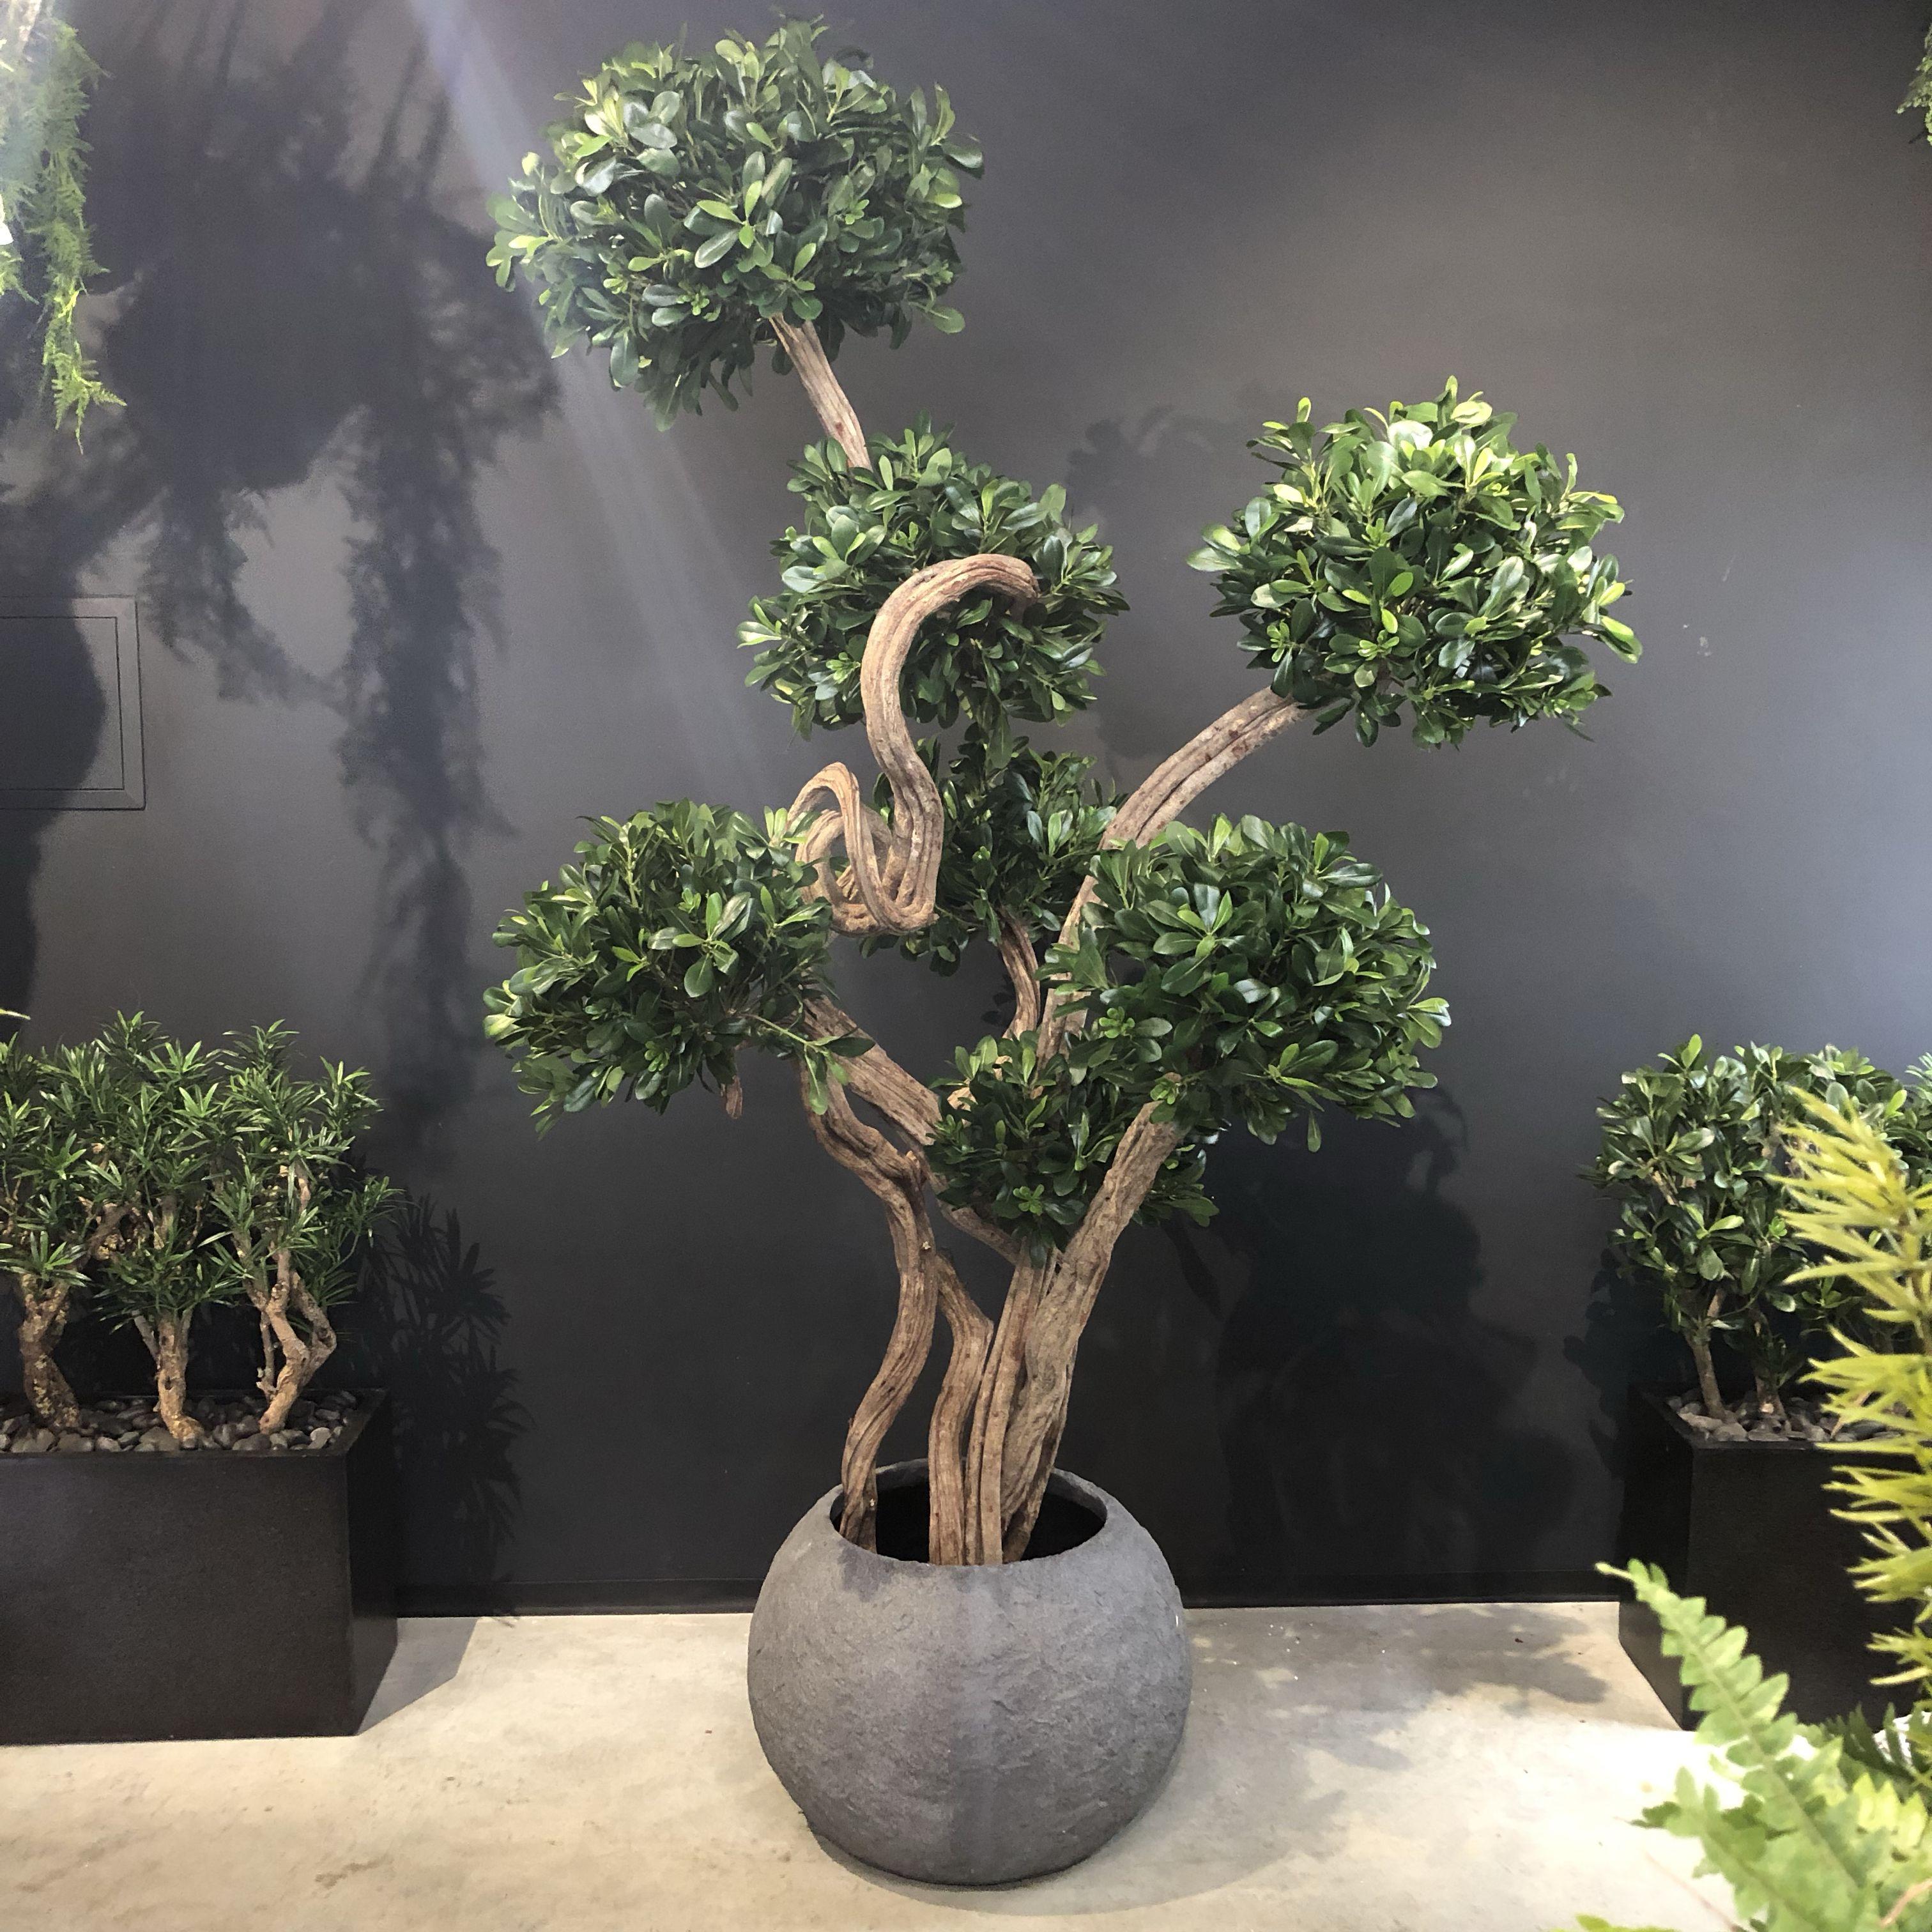 #künstlicher #Bonsai von #Bellaplanta #innovative Raumgestaltung #kunstdekobaum #unikat #artificialtree #kunstbaum #interiordesign